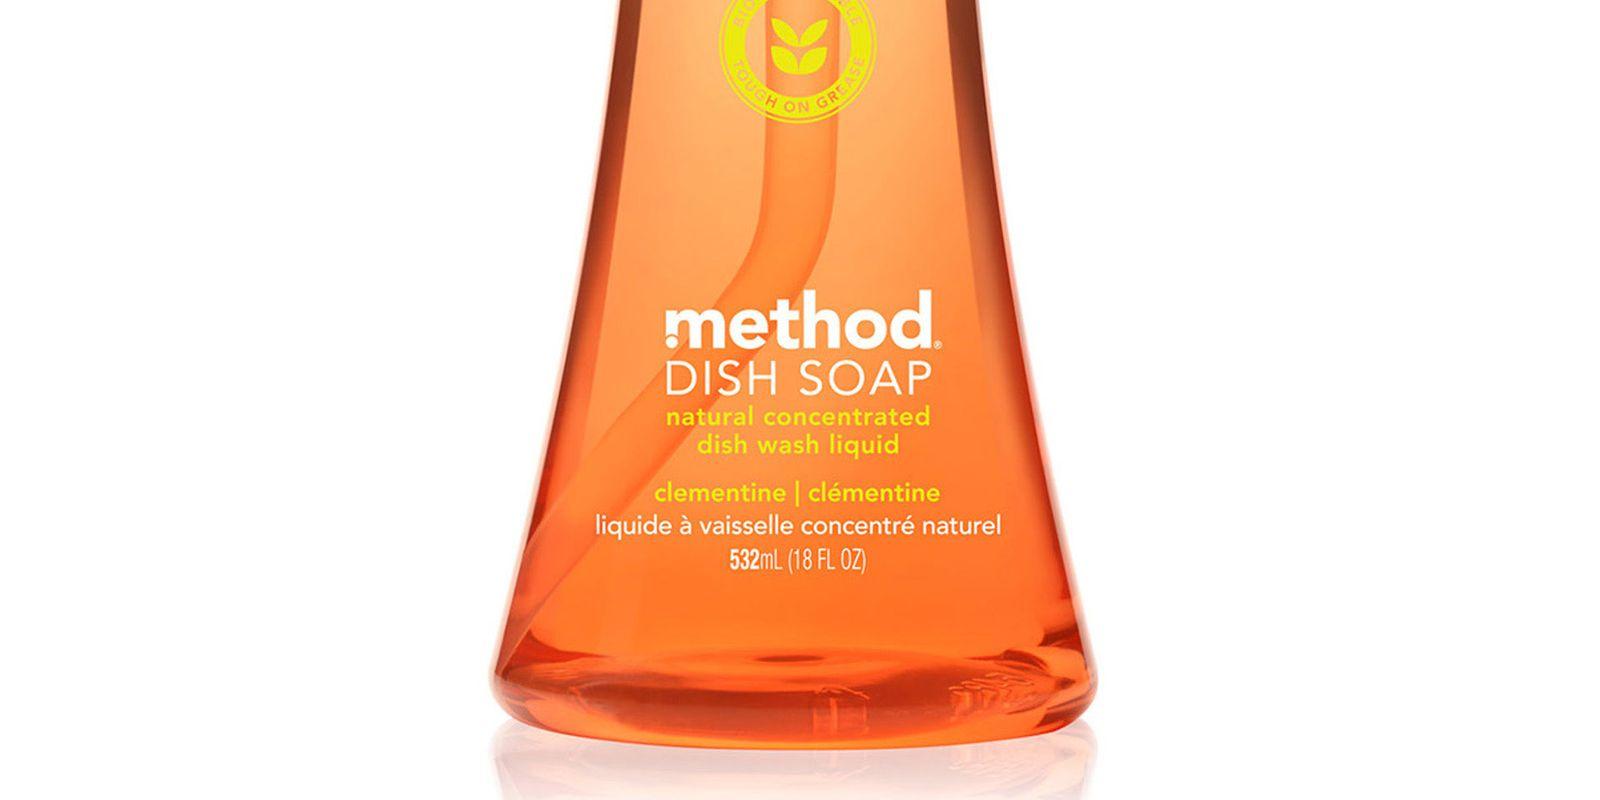 method dishwashing soap